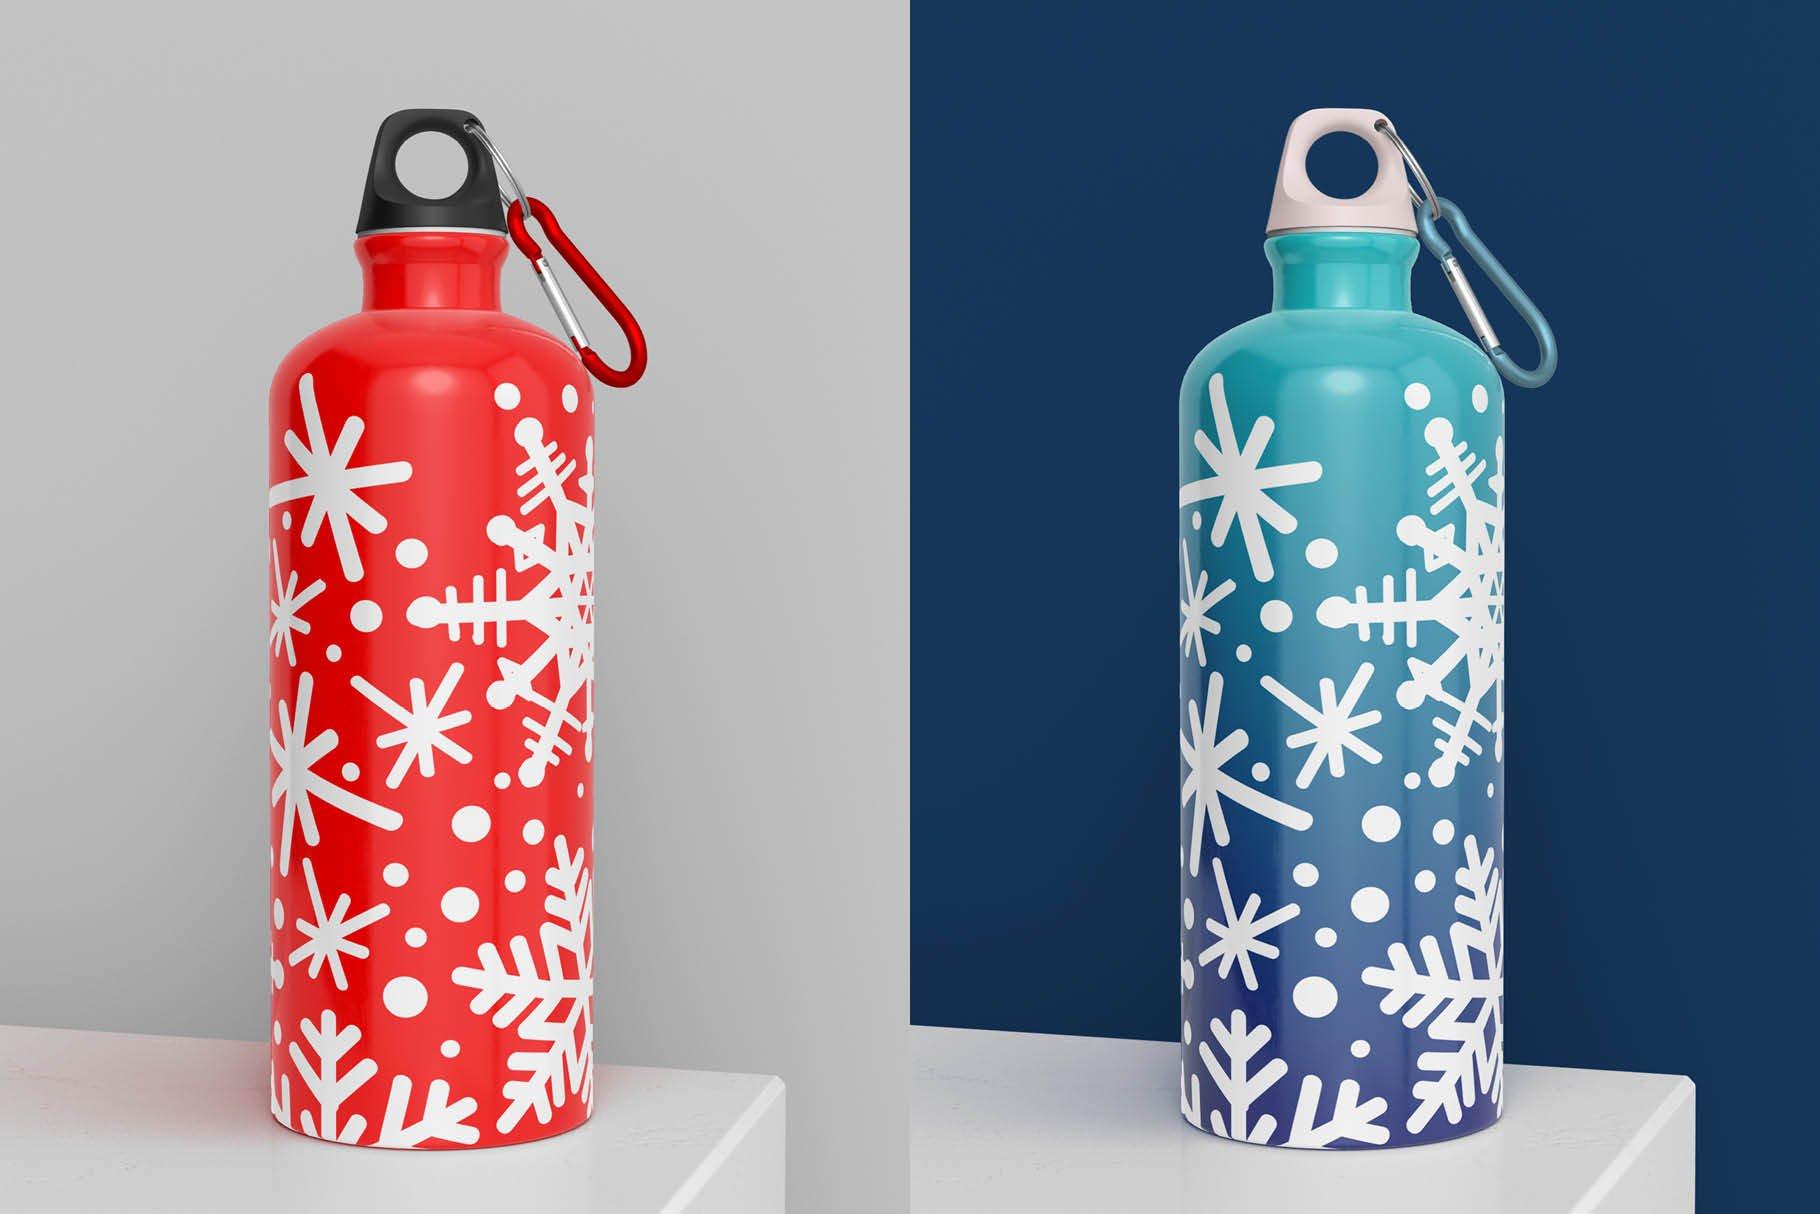 5款不锈钢保温水杯设计智能贴图样机模板 Aluminium Water Bottle Mock-Up插图8